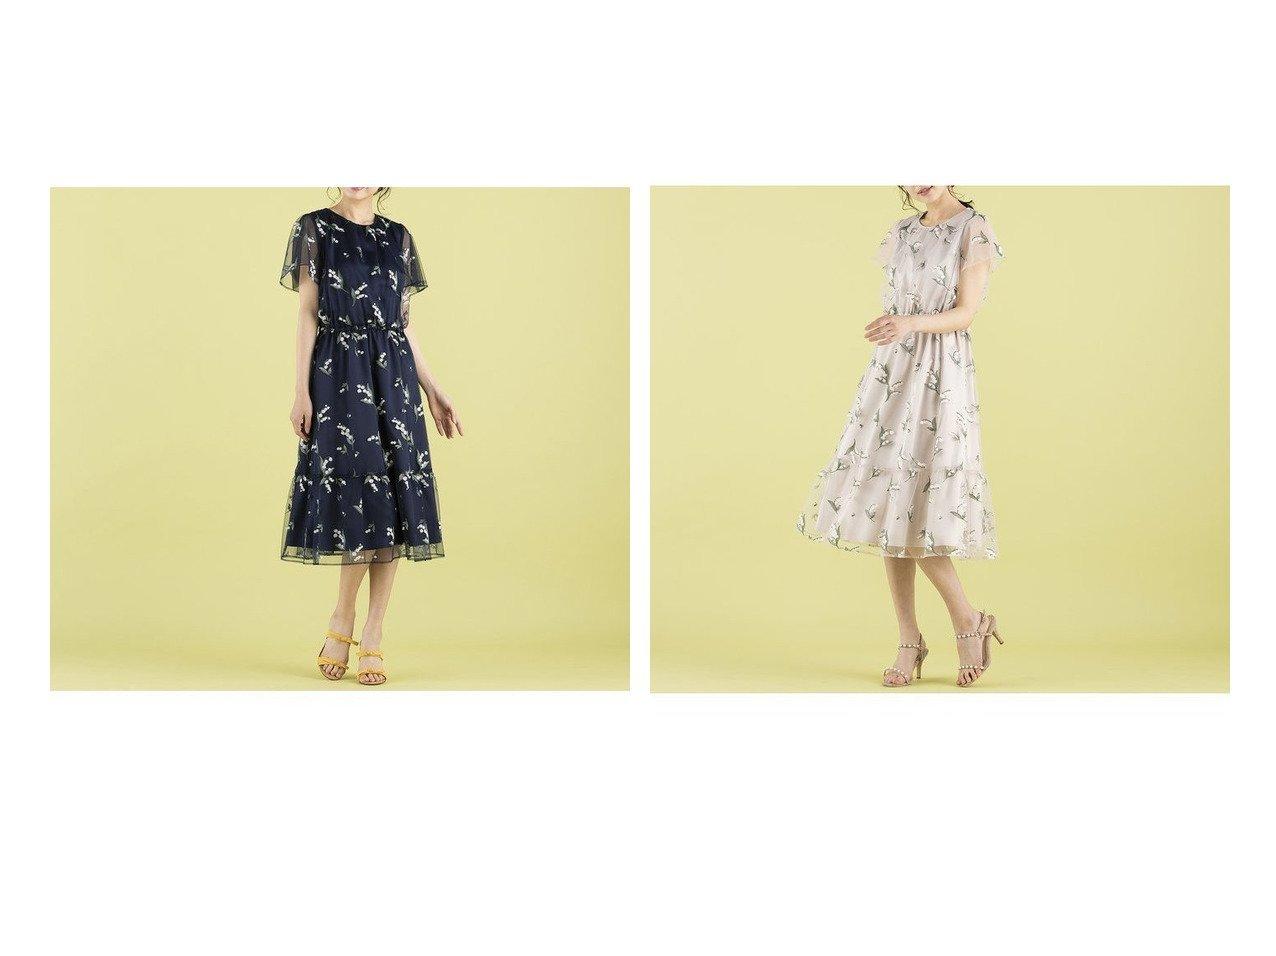 【Rose Tiara/ローズティアラ】のスズランチュール刺繍ワンピース 【ワンピース・ドレス】おすすめ!人気、トレンド・レディースファッションの通販 おすすめで人気の流行・トレンド、ファッションの通販商品 インテリア・家具・メンズファッション・キッズファッション・レディースファッション・服の通販 founy(ファニー) https://founy.com/ ファッション Fashion レディースファッション WOMEN ワンピース Dress コレクション ジュエル チュール ドレス フェミニン リボン レース 夏 Summer |ID:crp329100000071507